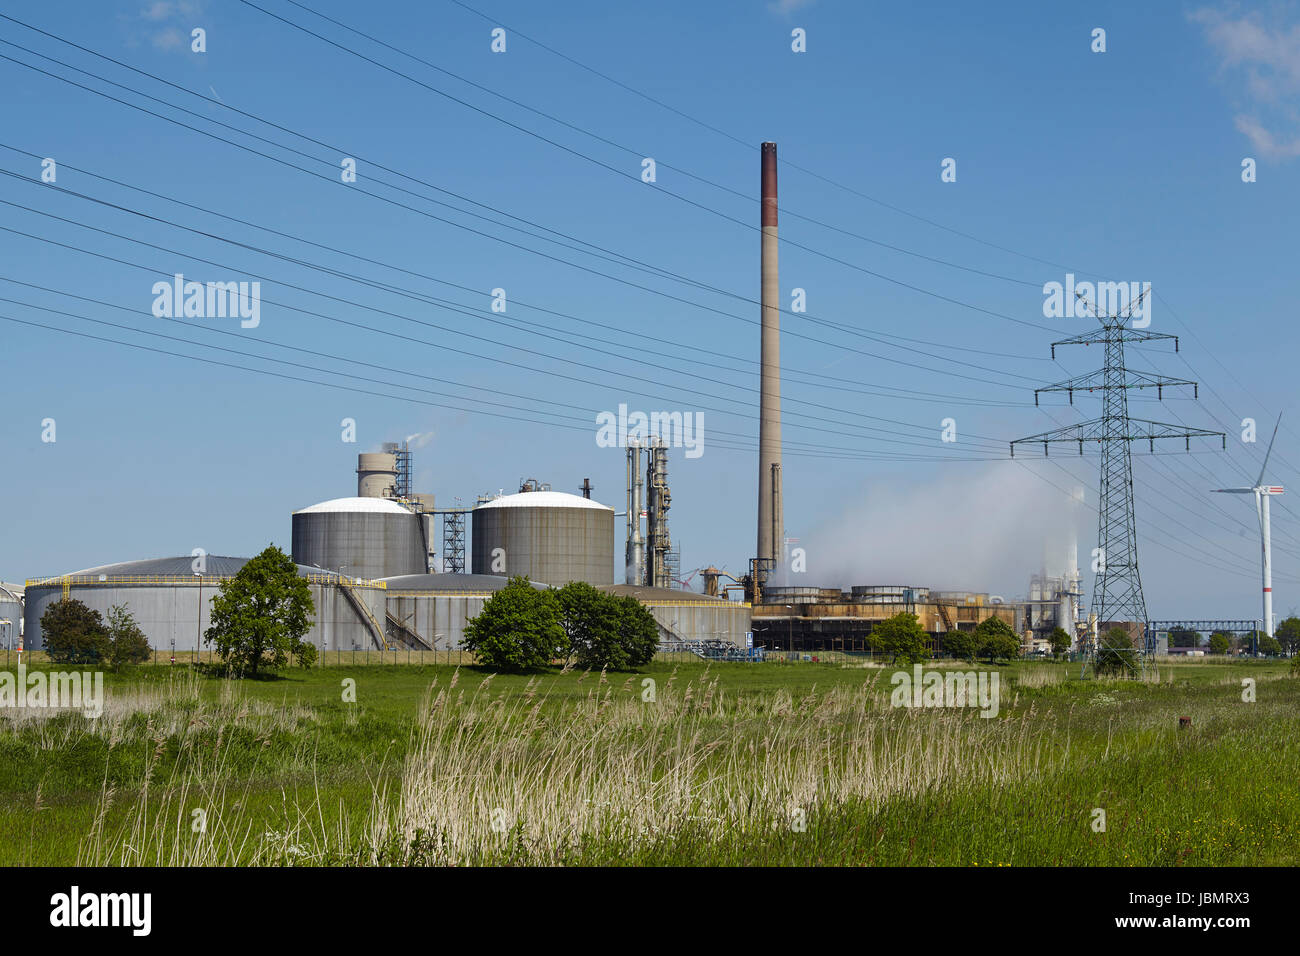 Fertilizer Production Stock Photos & Fertilizer Production